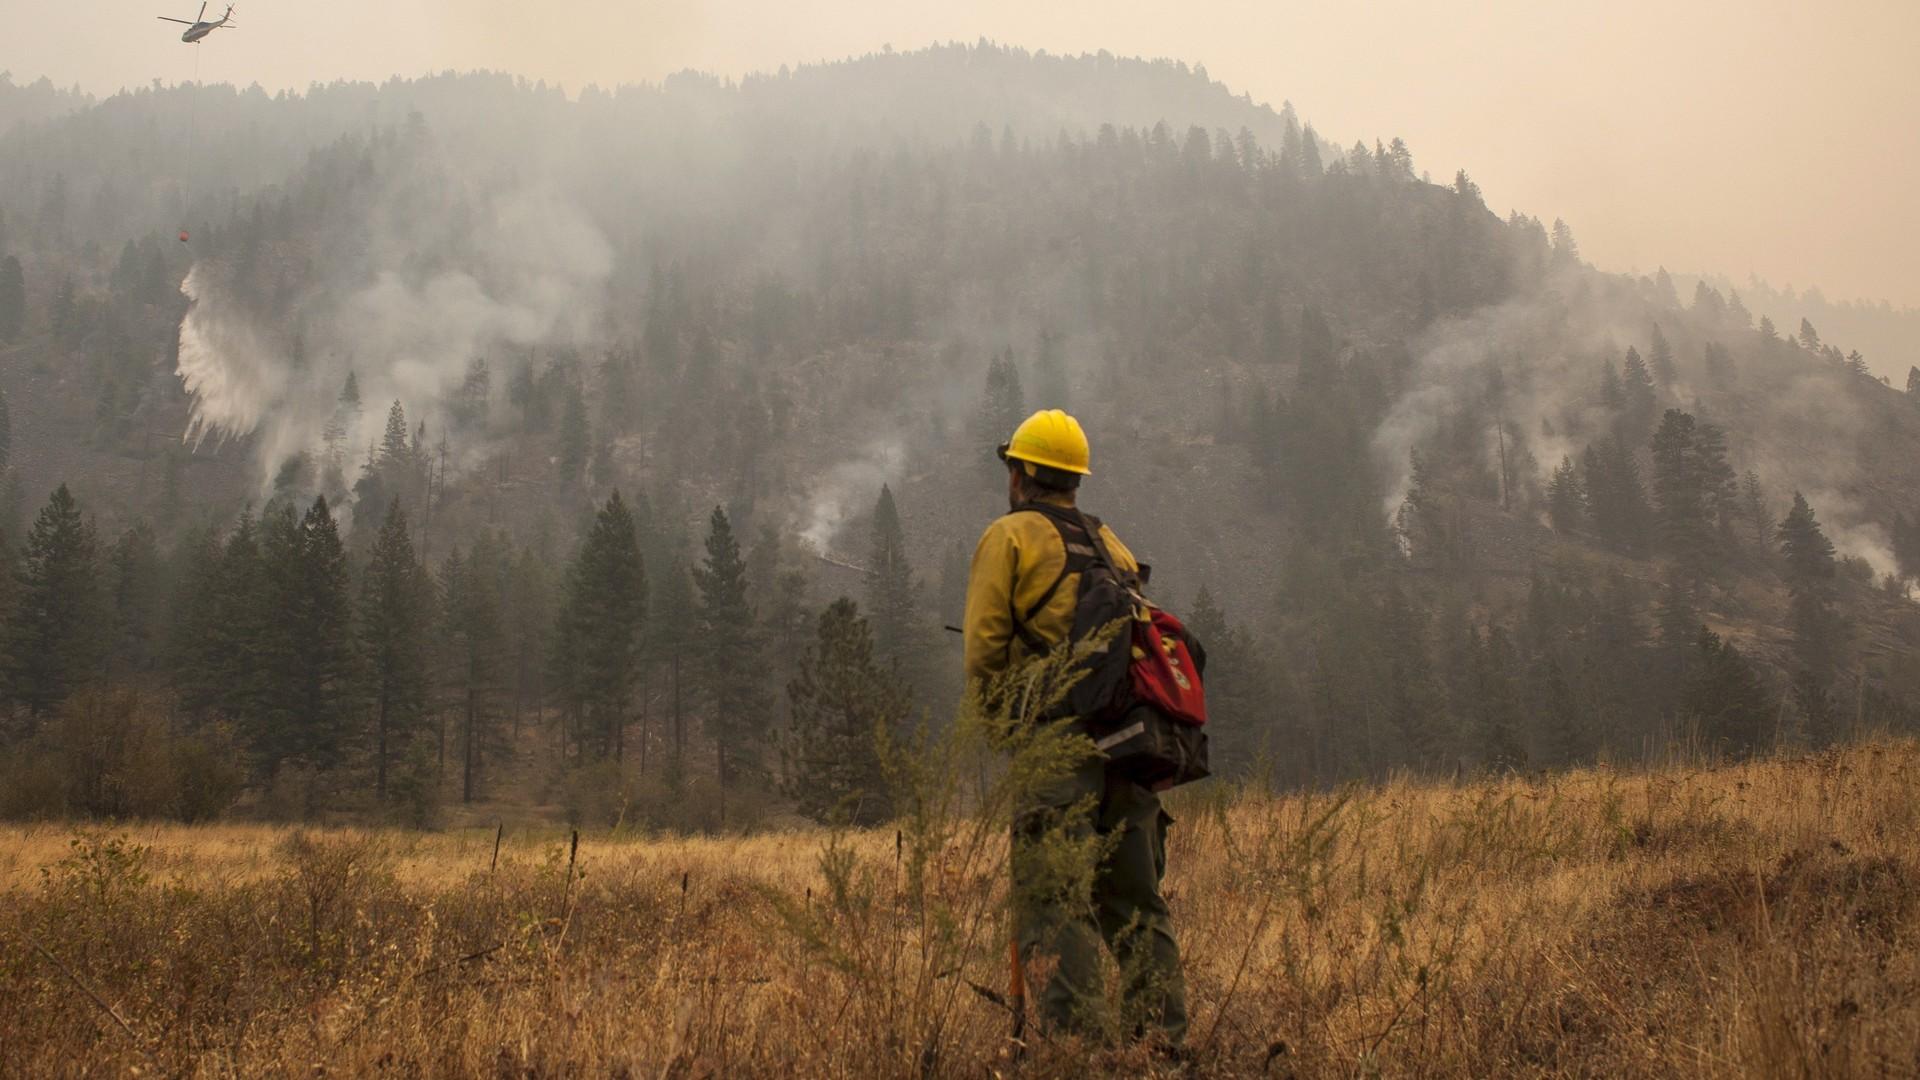 Incendie dans l'Etat de Washington